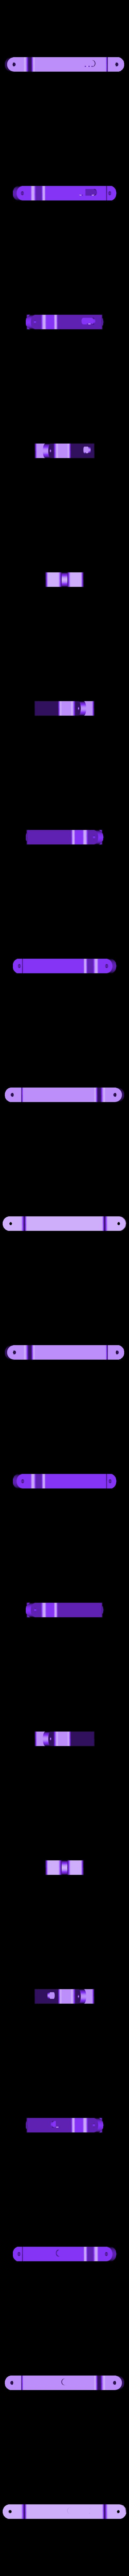 bras pi zero.stl Download free STL file pi zero w camera • 3D printing object, cyrilniort